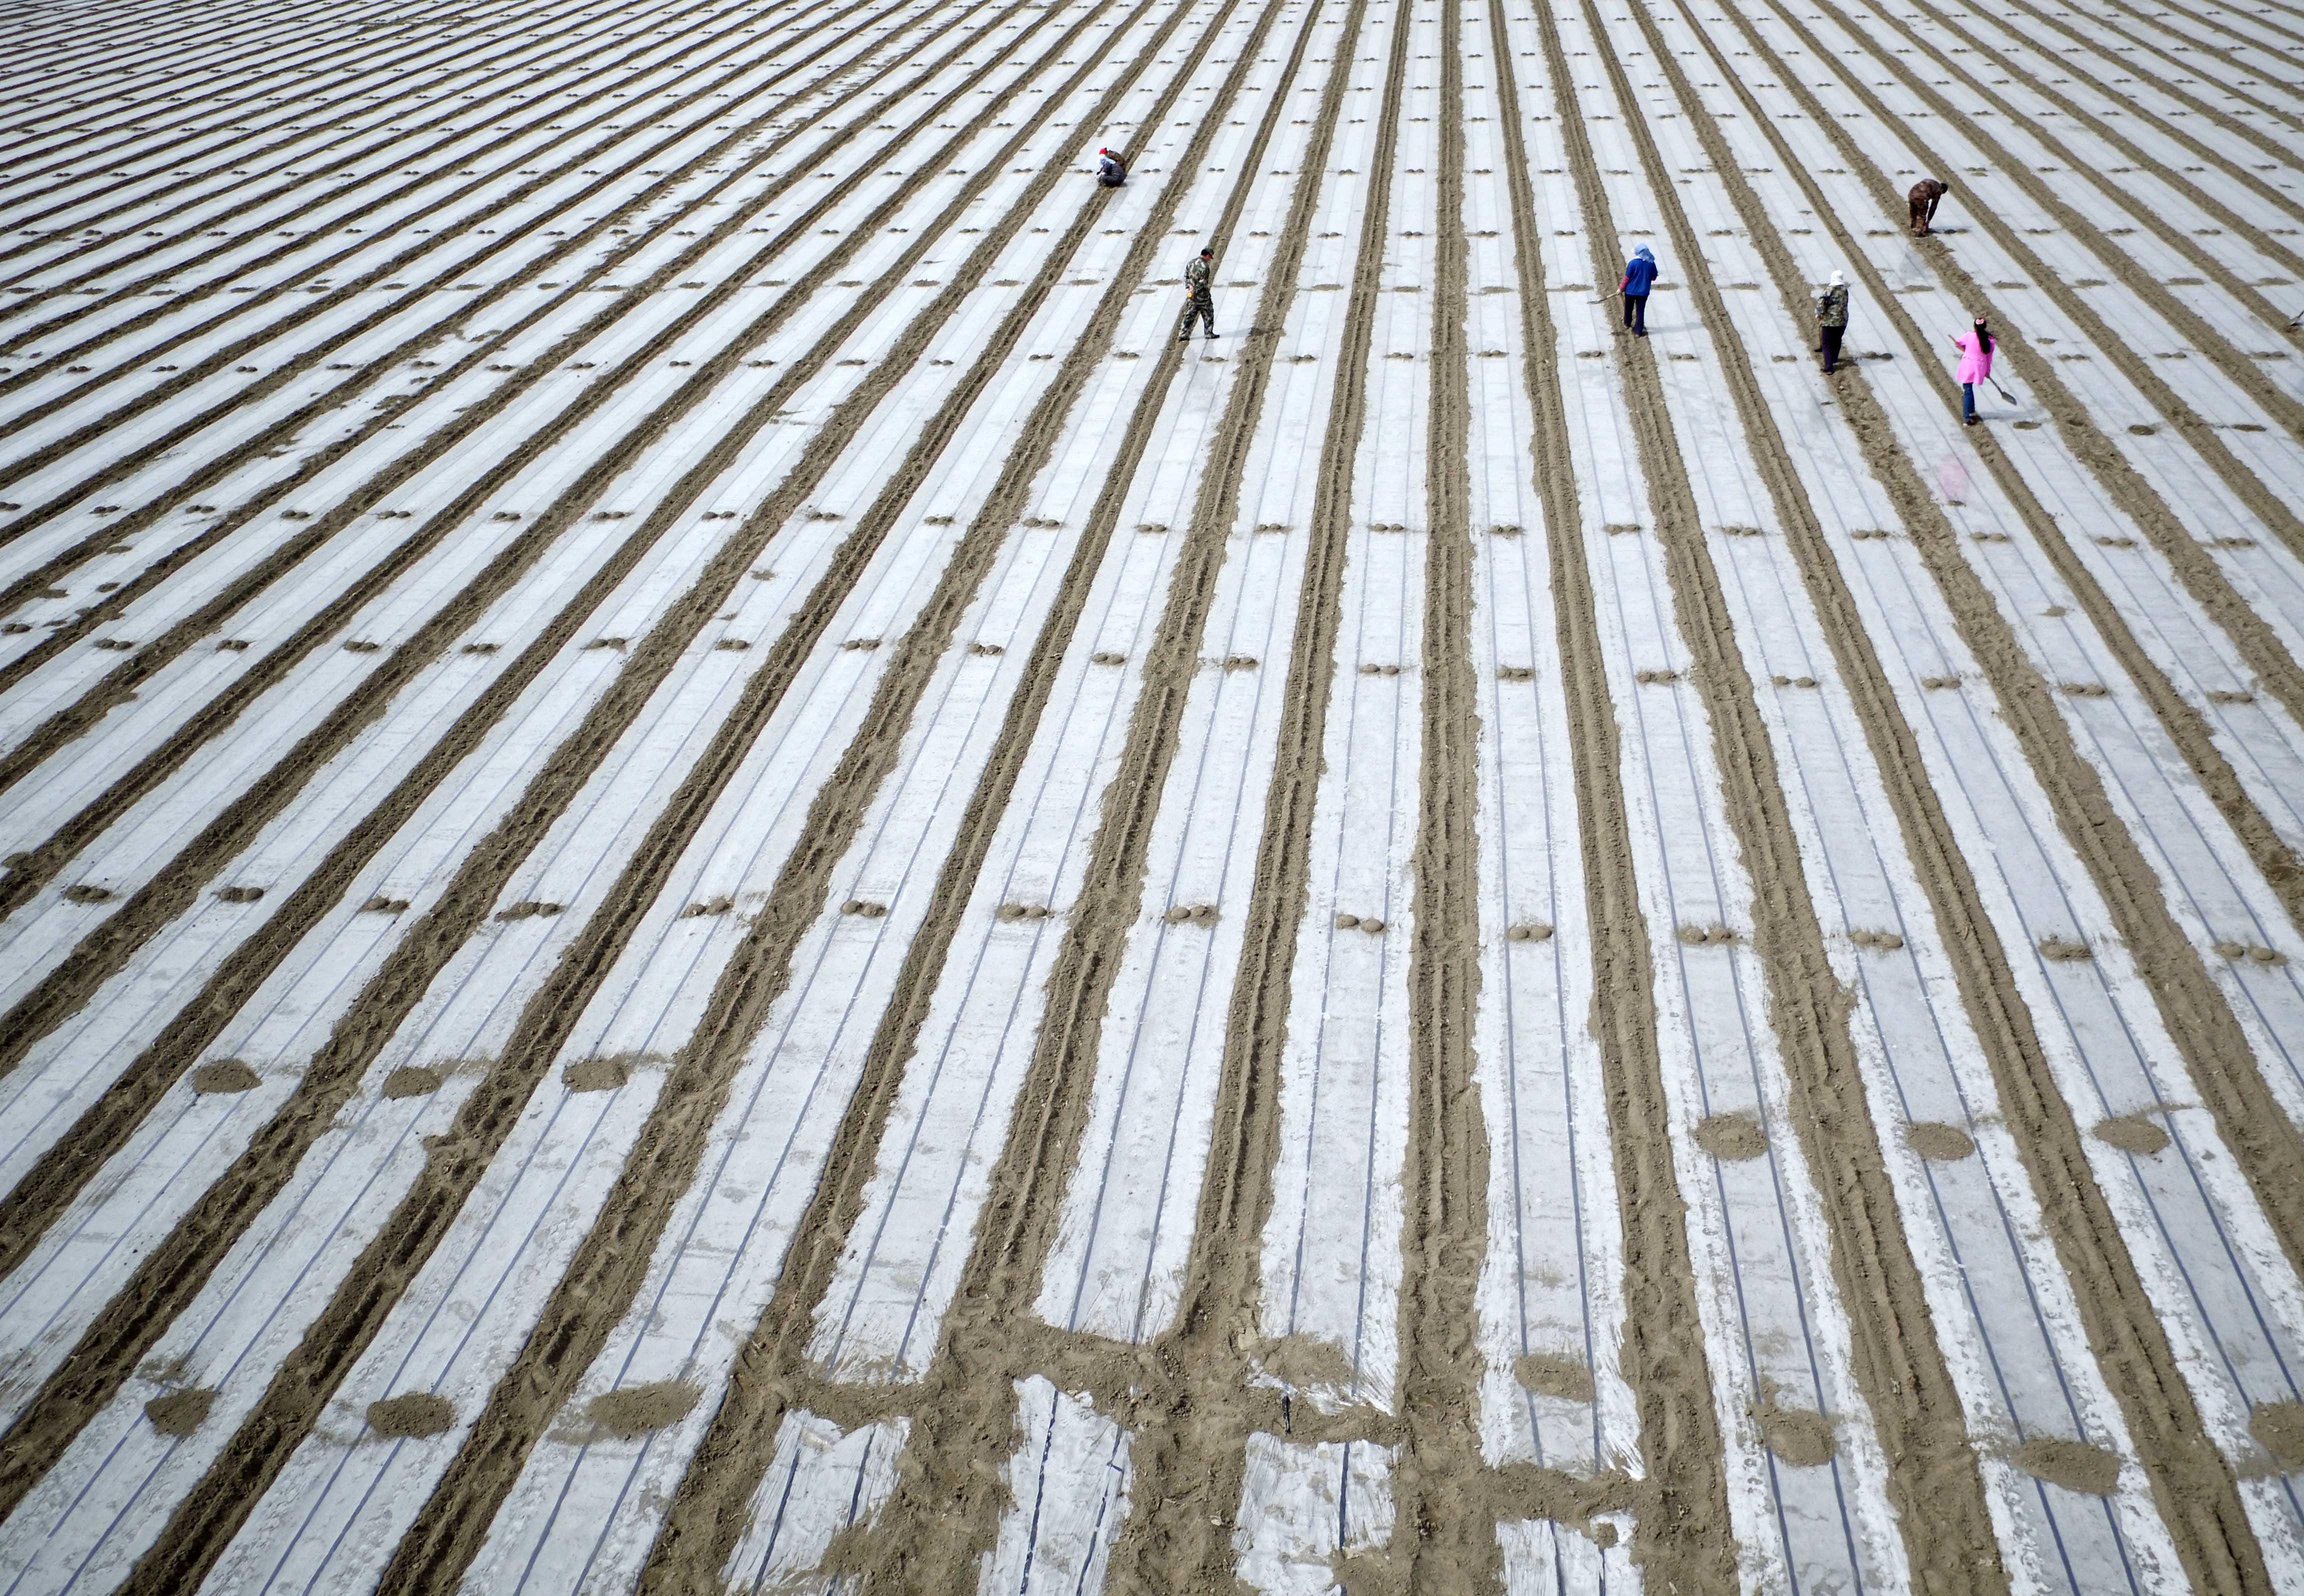 2016年3月26日,新疆生产建设兵团第二师二十九团11连职工杨先良正在播种棉花。 ...